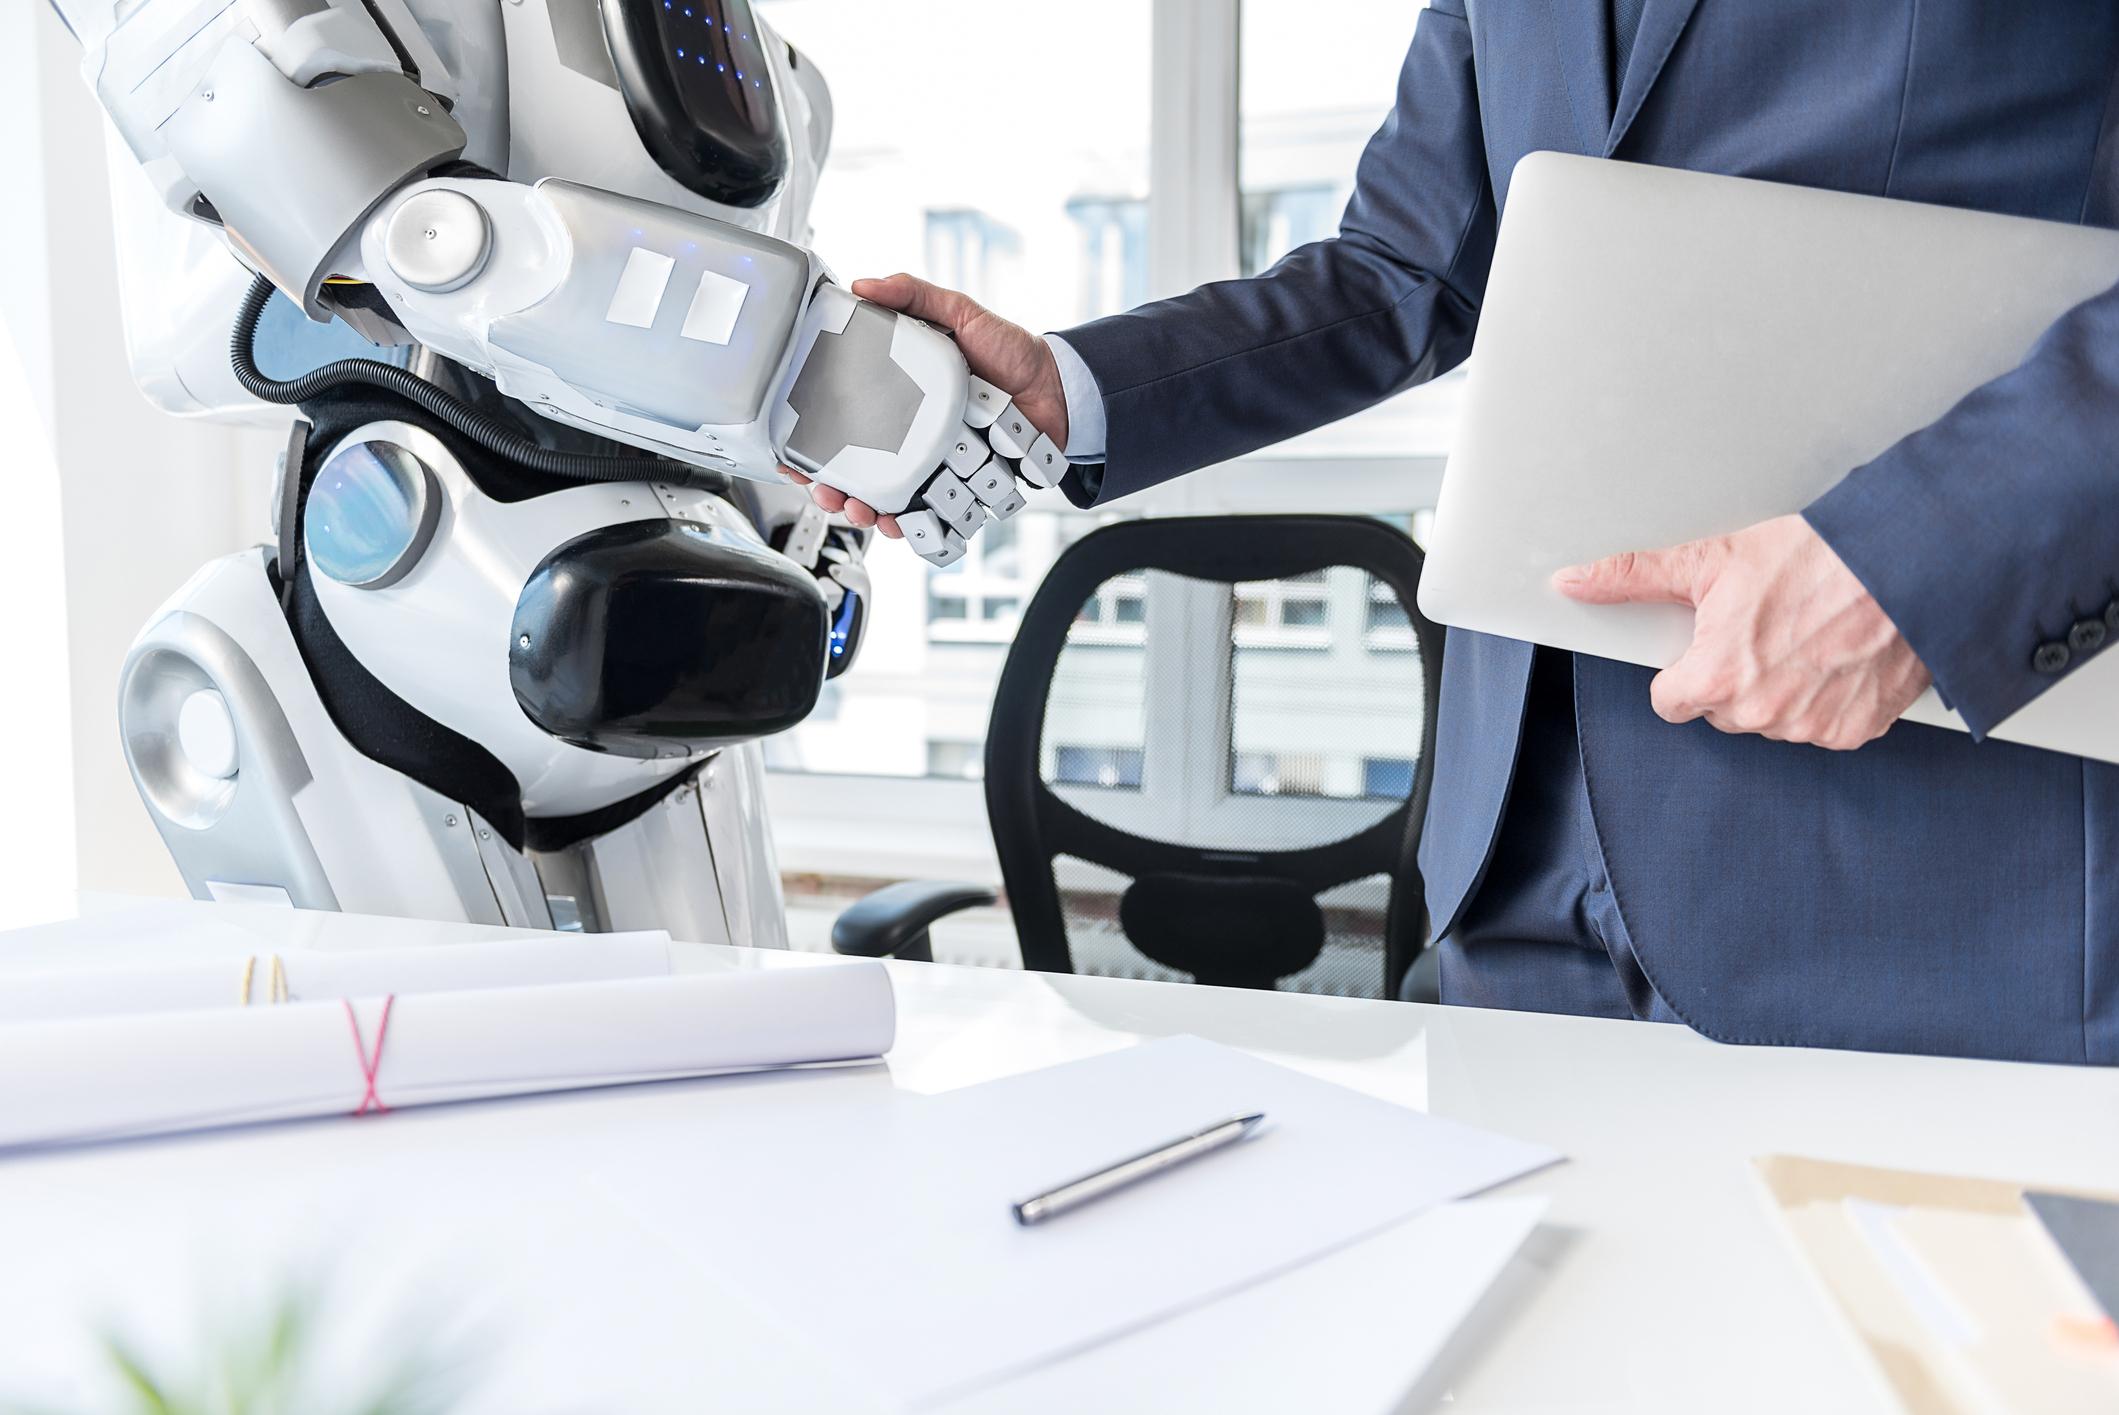 tendencias de 2018 en el empleo: robótica